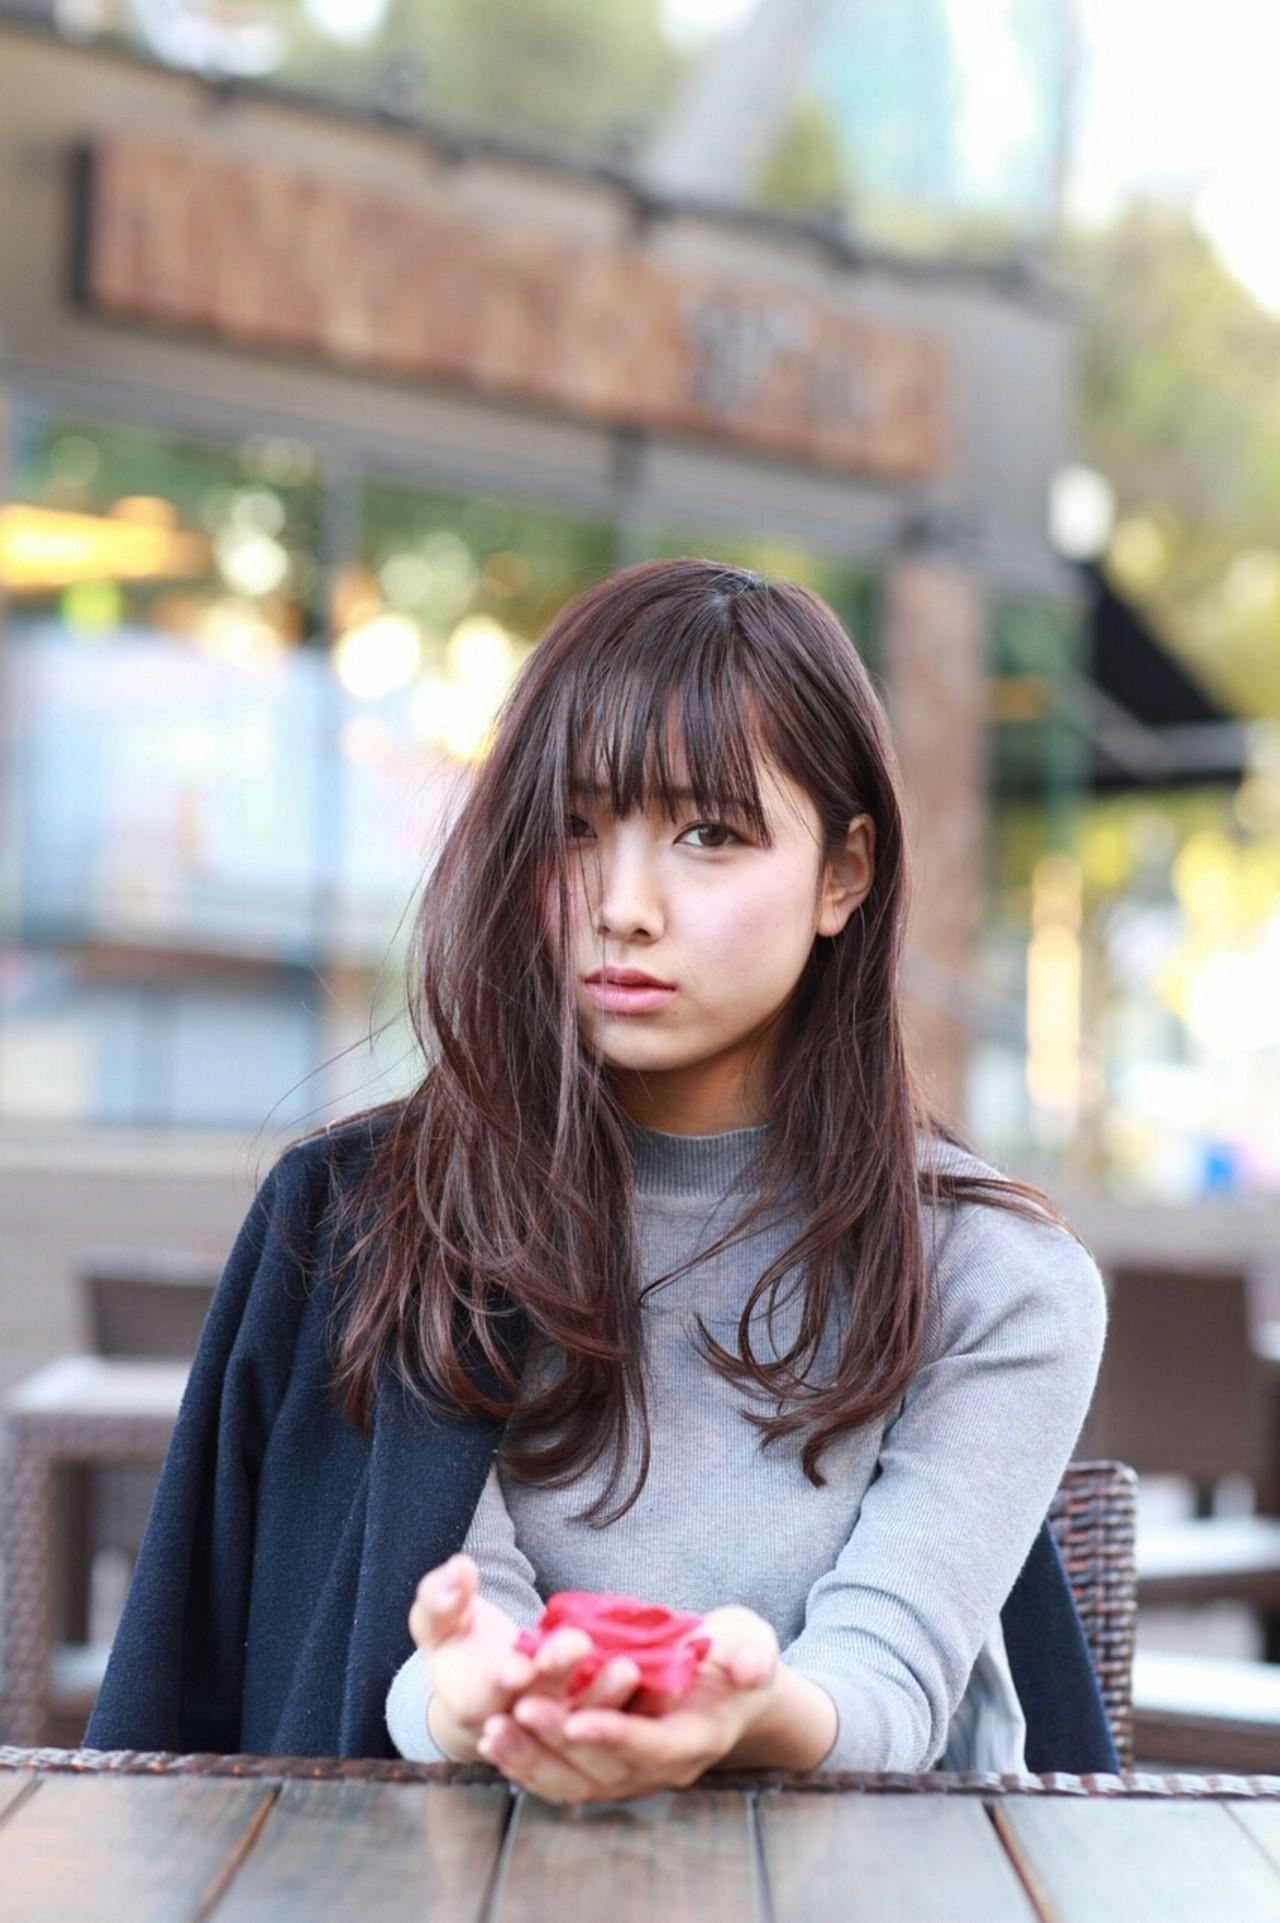 ゆるふわ ナチュラル パーマ ロング ヘアスタイルや髪型の写真・画像 | miki /